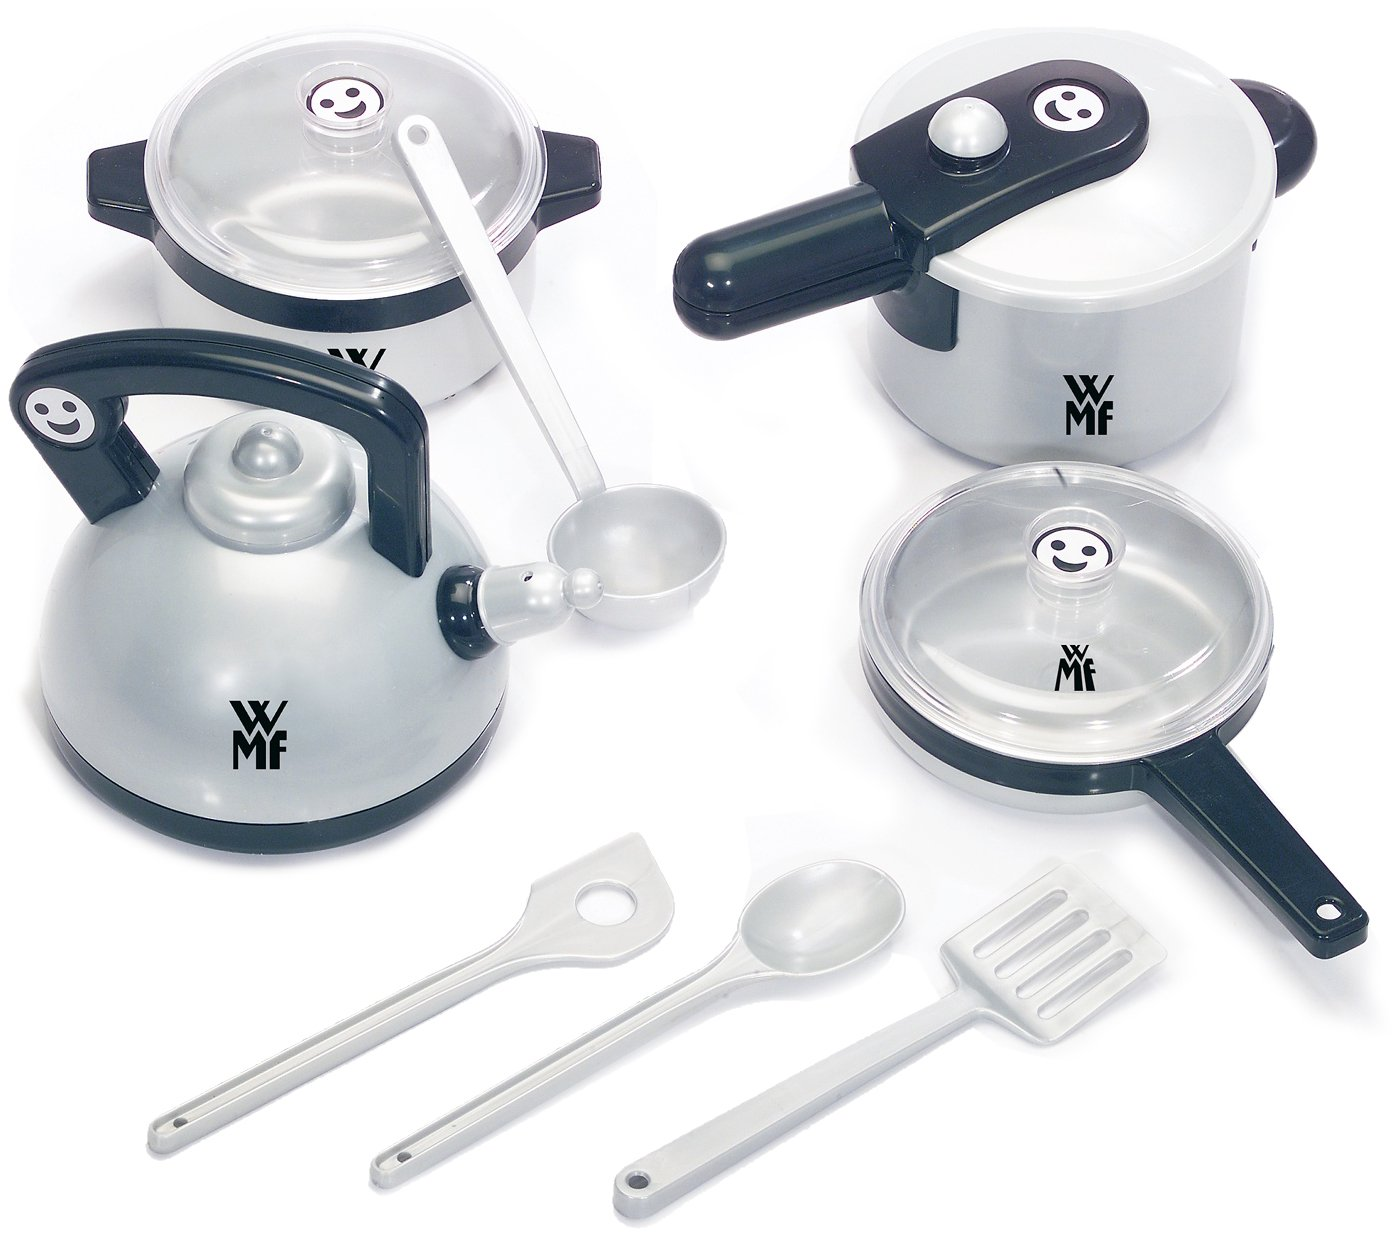 Kinder Kochgeschirr Vergleich - Theo Klein WMF Topf-Set Kinder